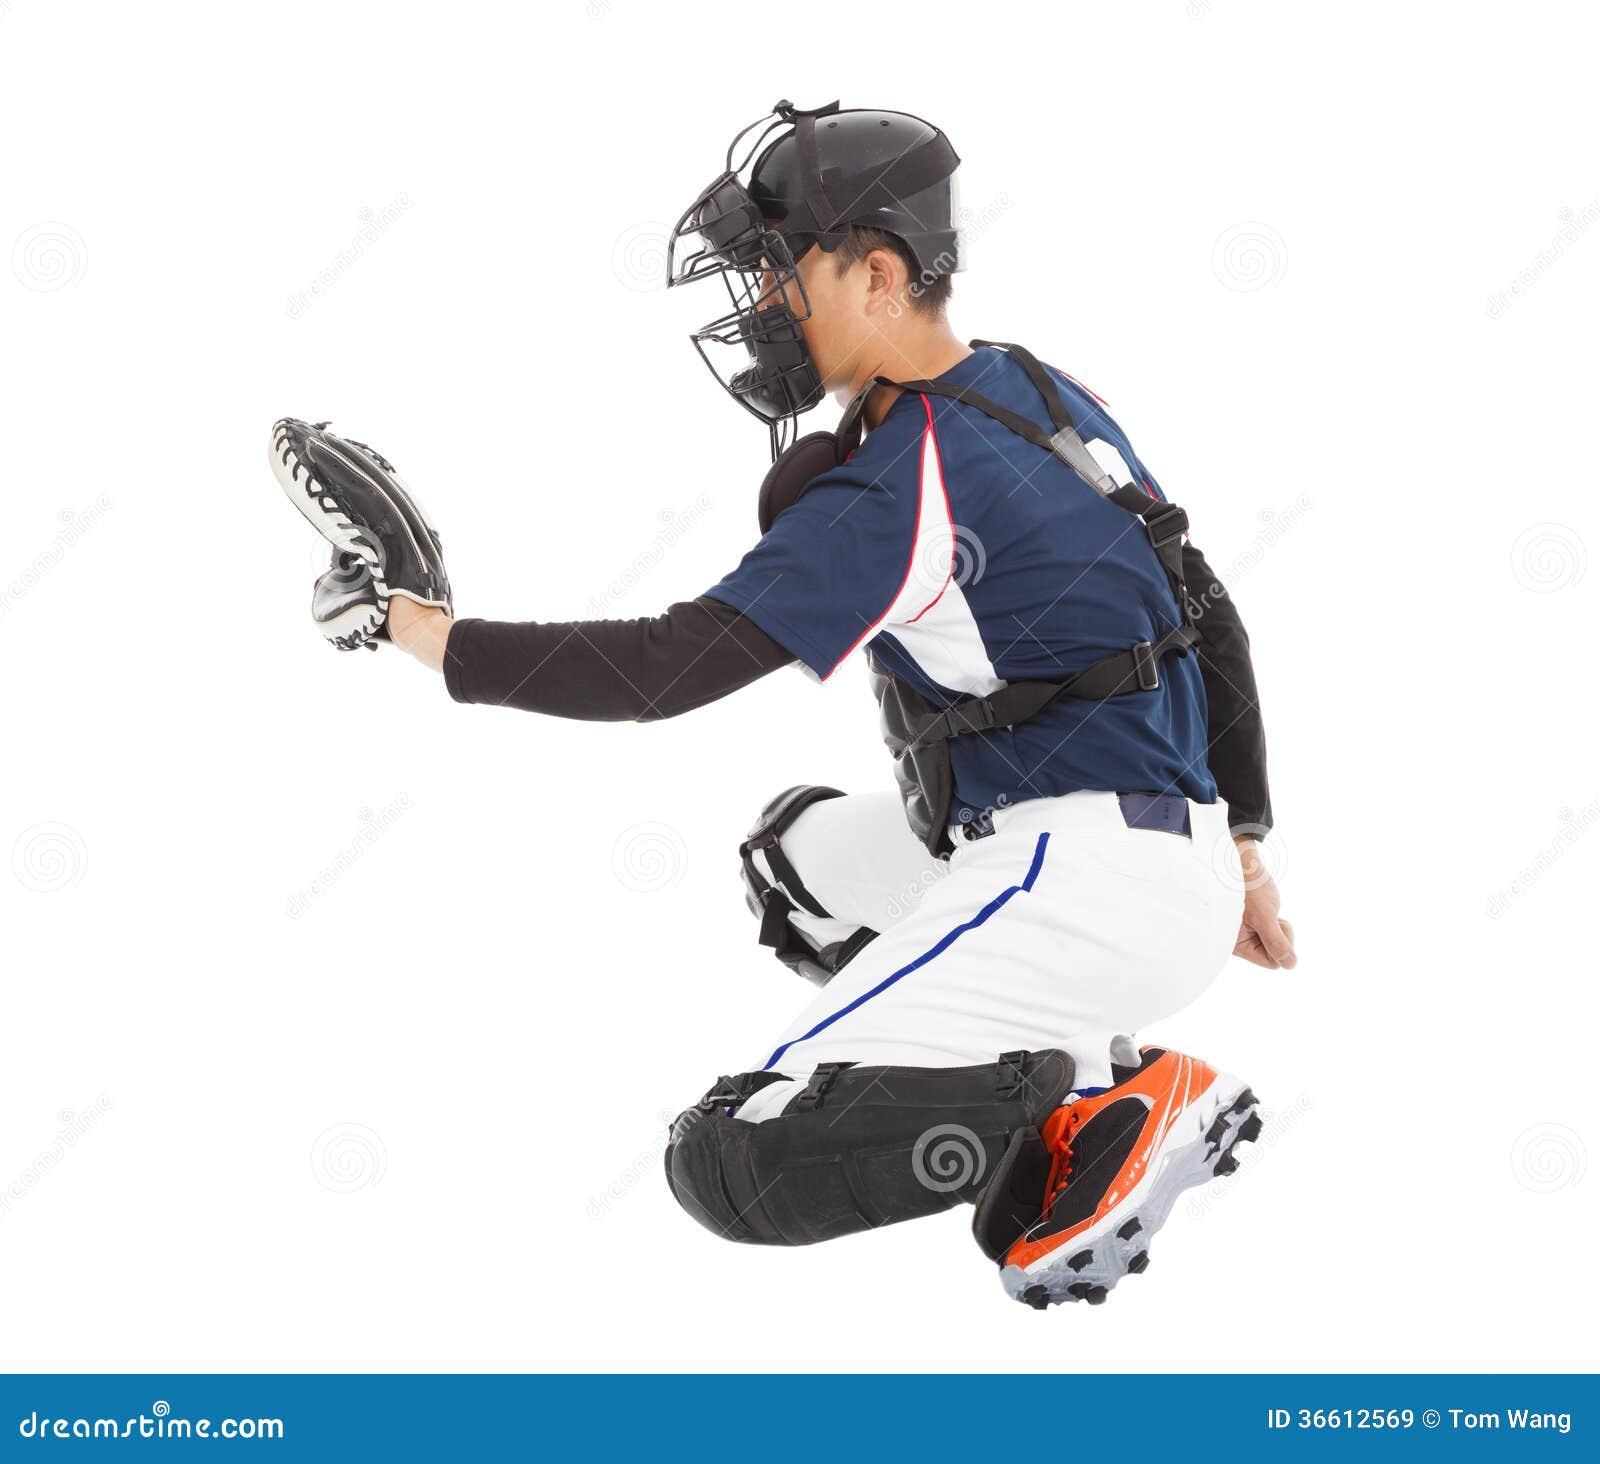 Basebollspelare stoppare, knäfallagest till att fånga